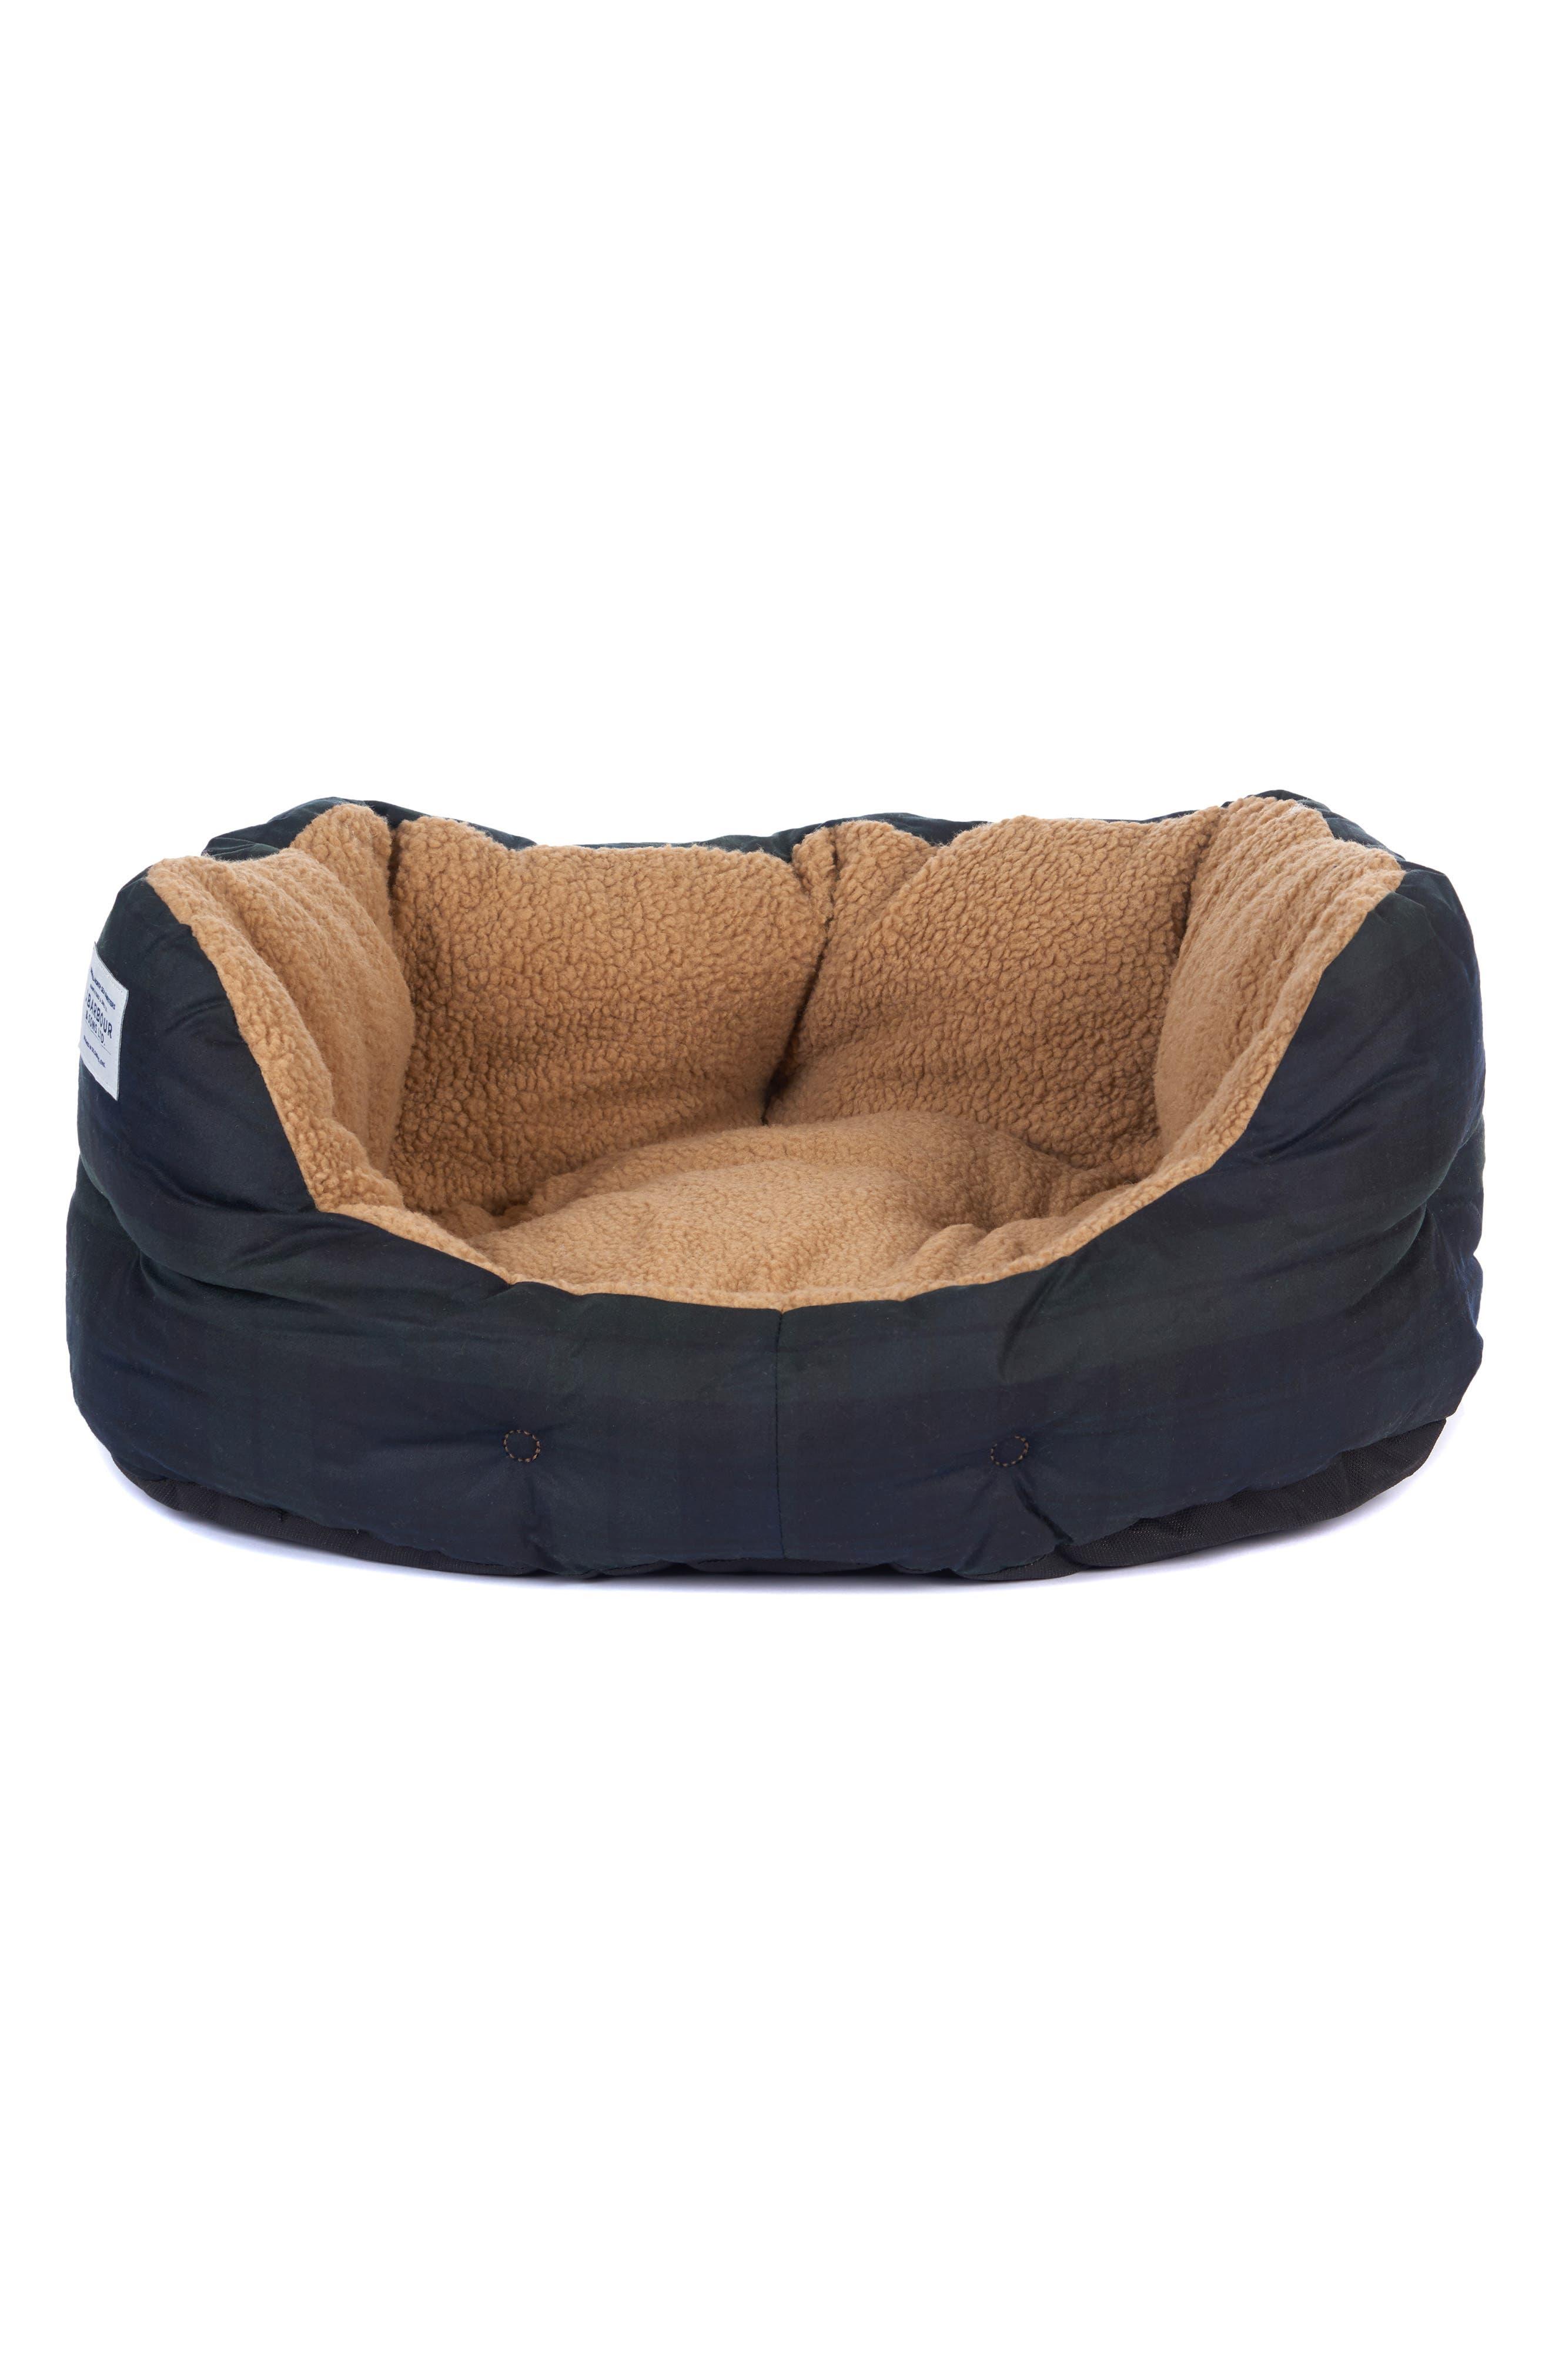 Image of Barbour Tartan Dog Bed